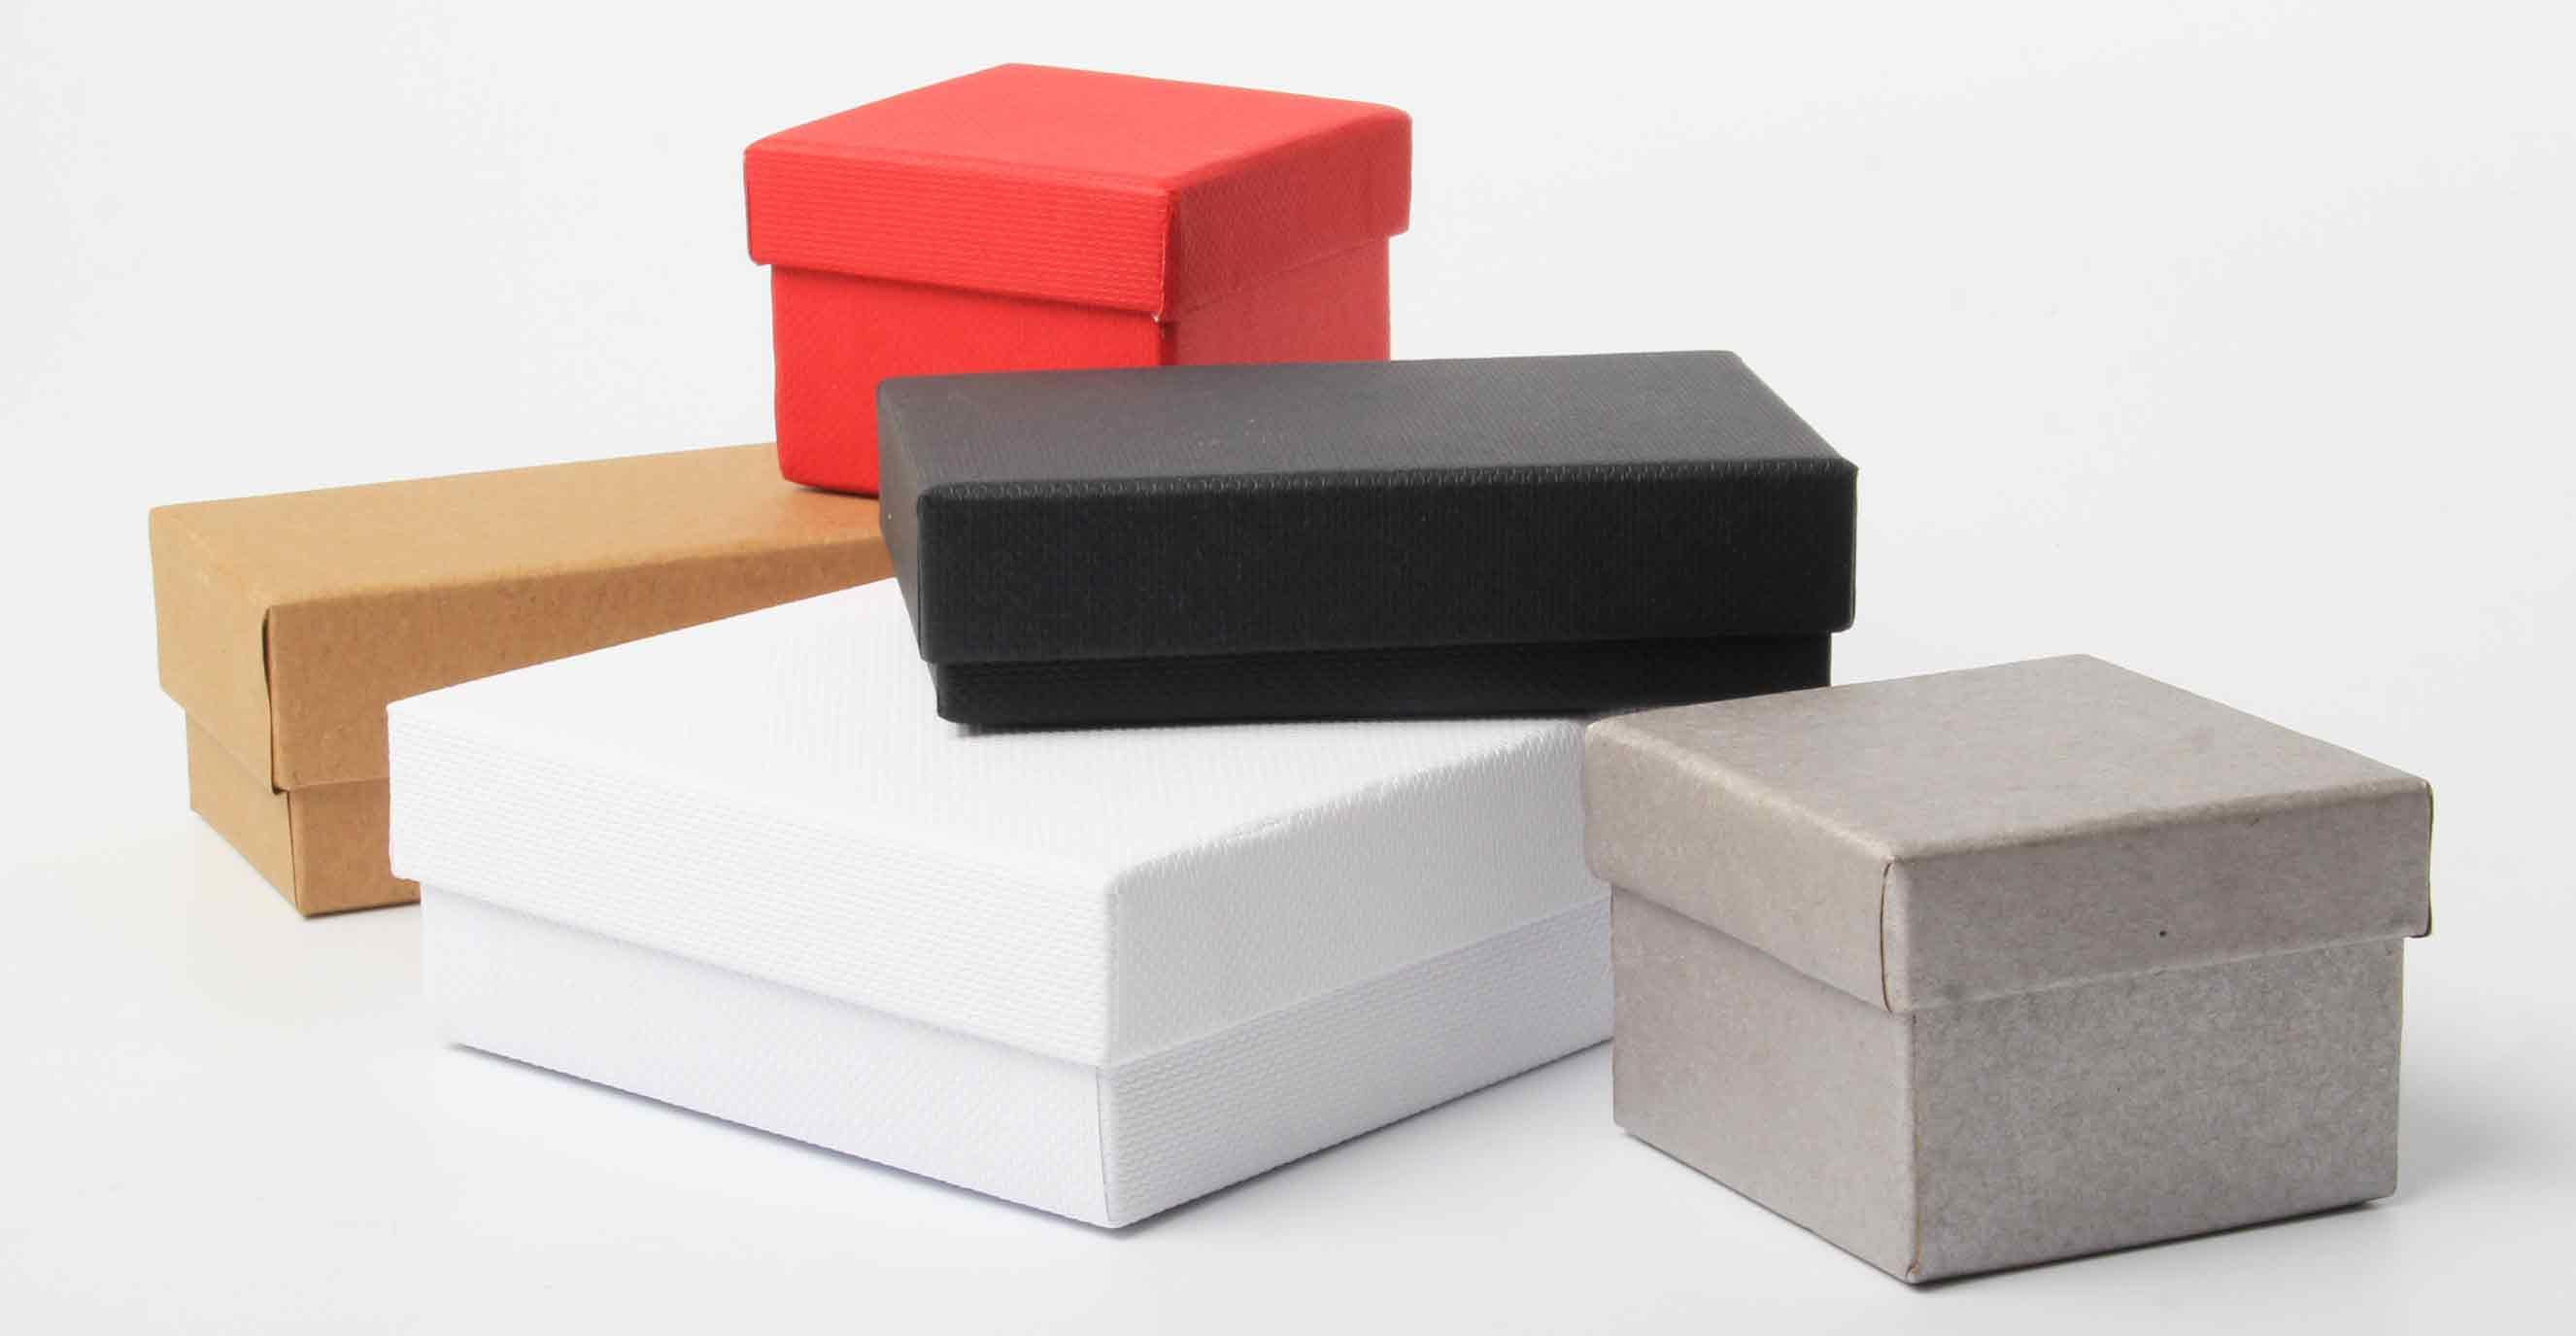 Wholesale Gift Boxes UK